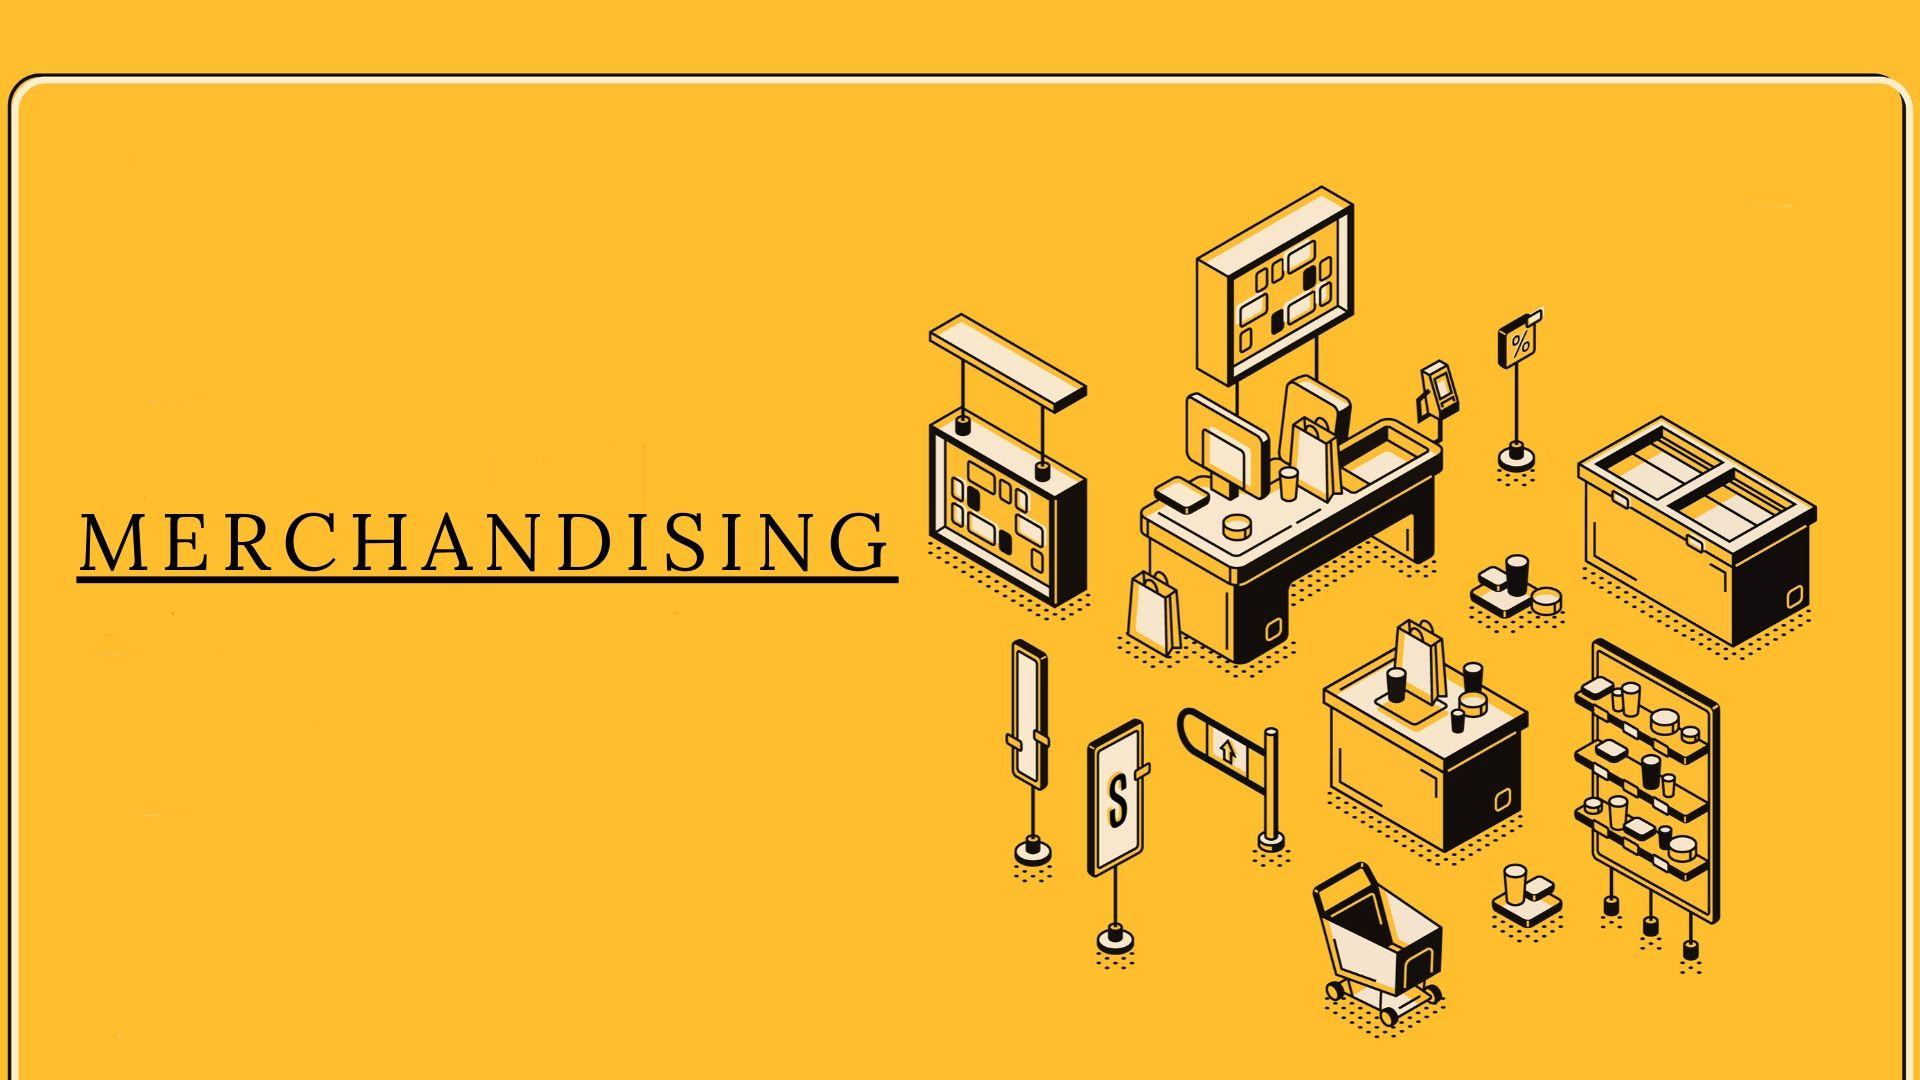 Merchandising